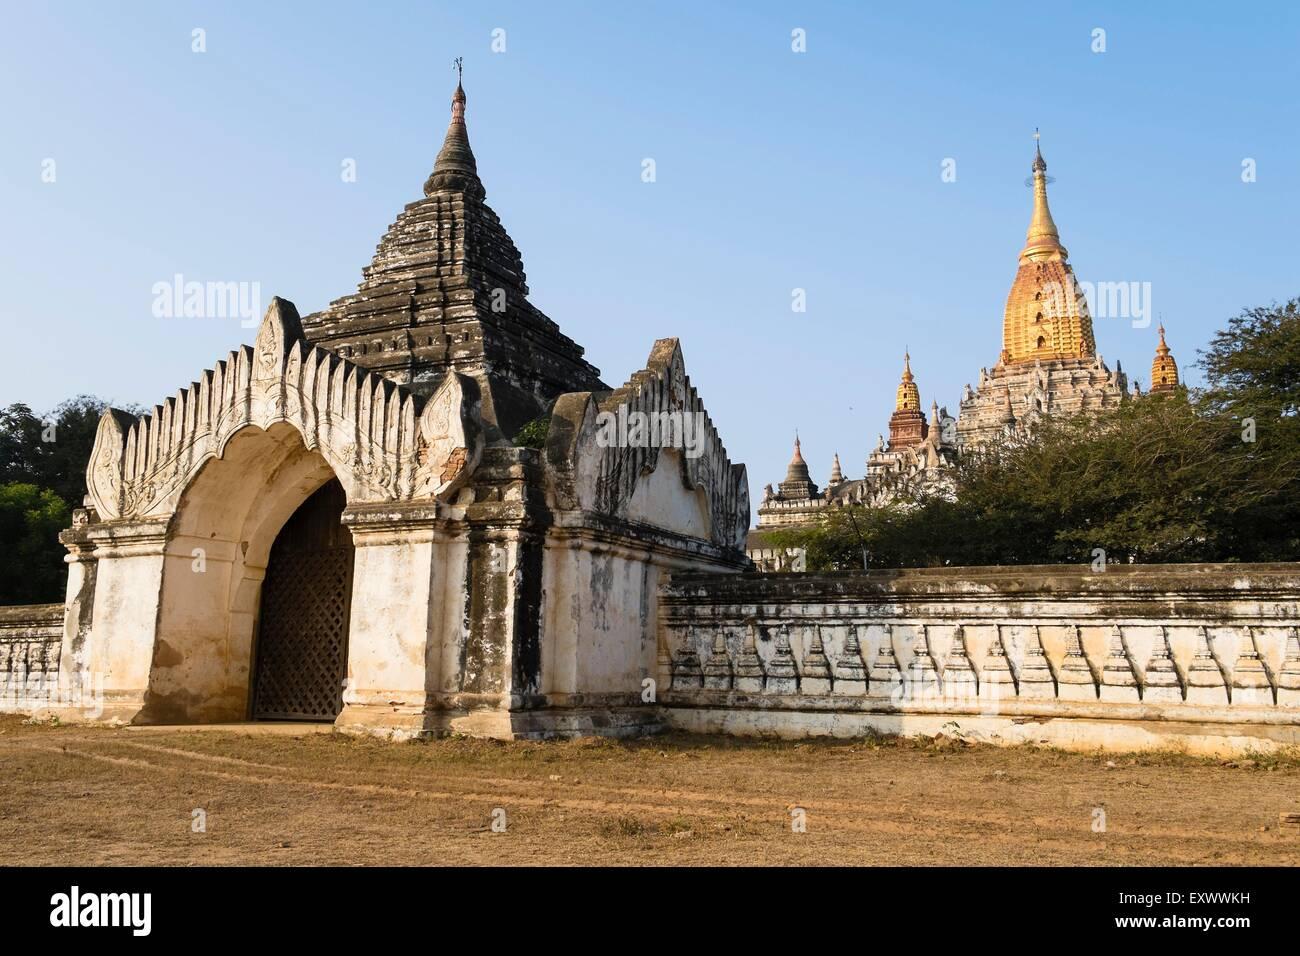 Ananda Temple, Bagan, Myanmar, Asia - Stock Image